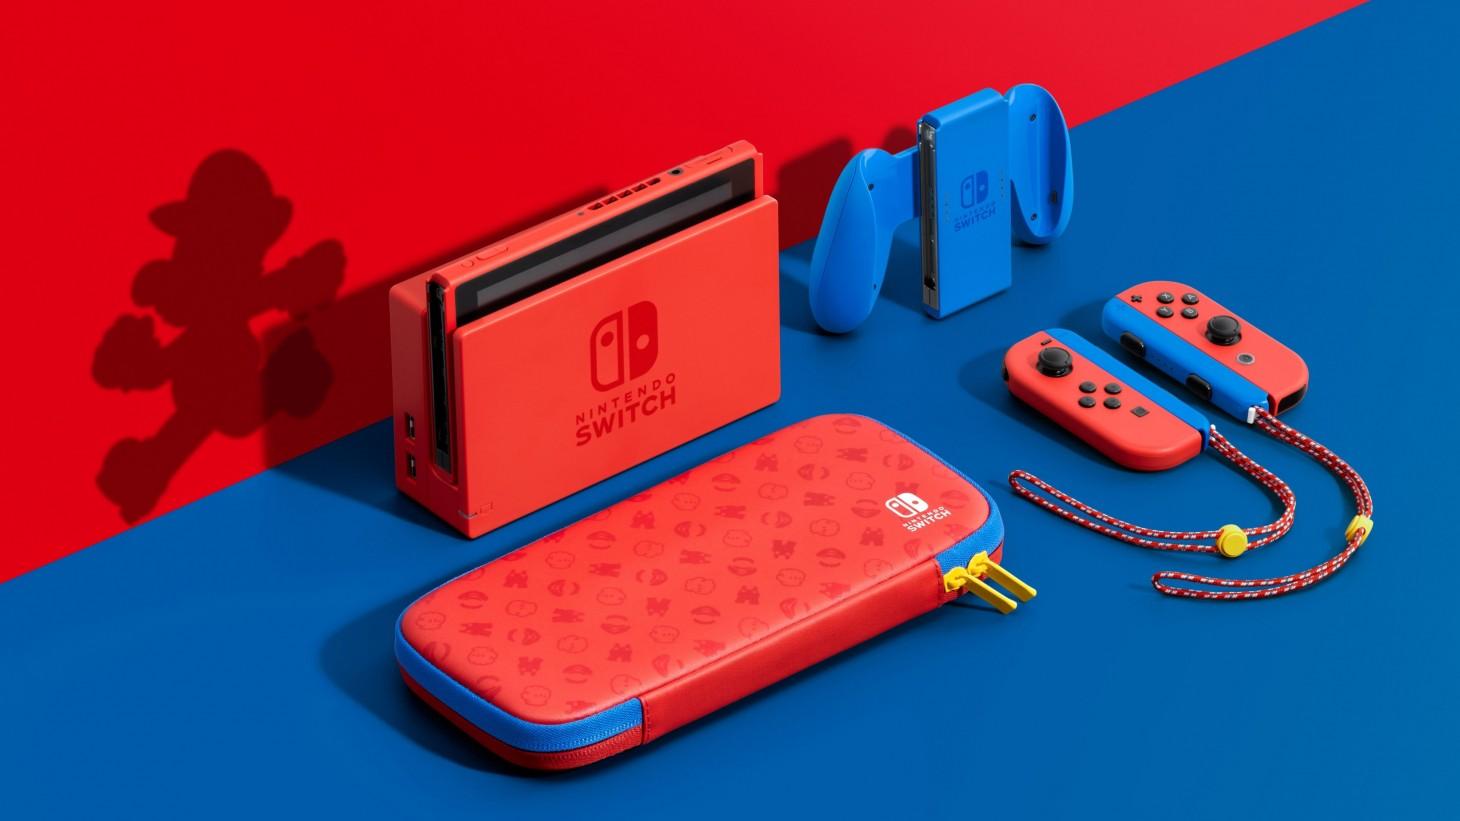 La nouvelle console Nintendo Switch dévoilée avec l'édition Rouge et Bleu